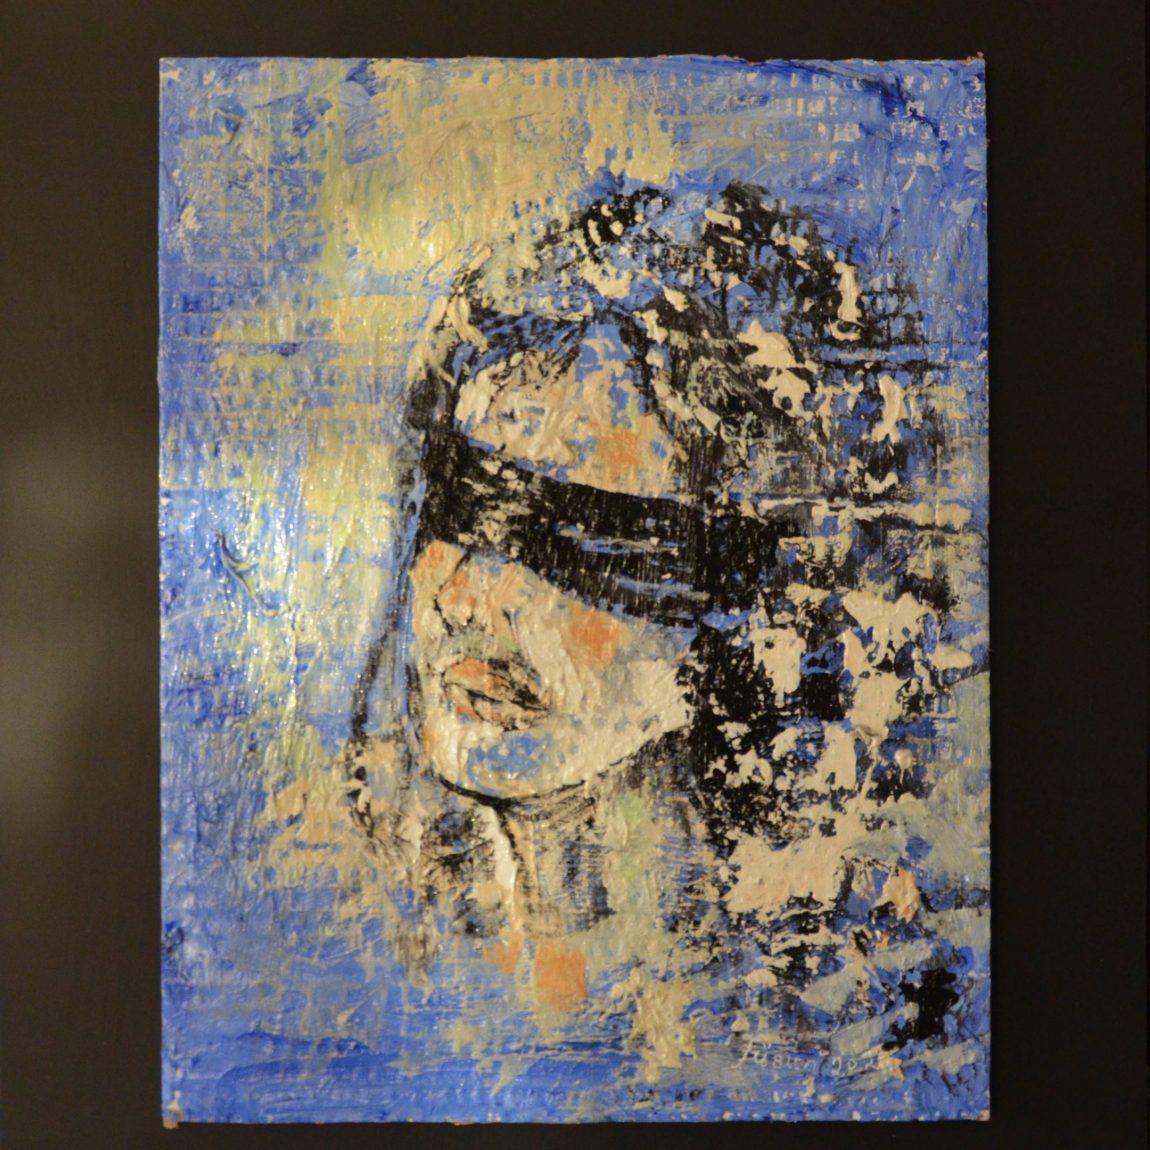 Gözleri Bağlı Kadın Teknik:Mukavva Üzeri Akrilik  Ölçü:33x26 cm